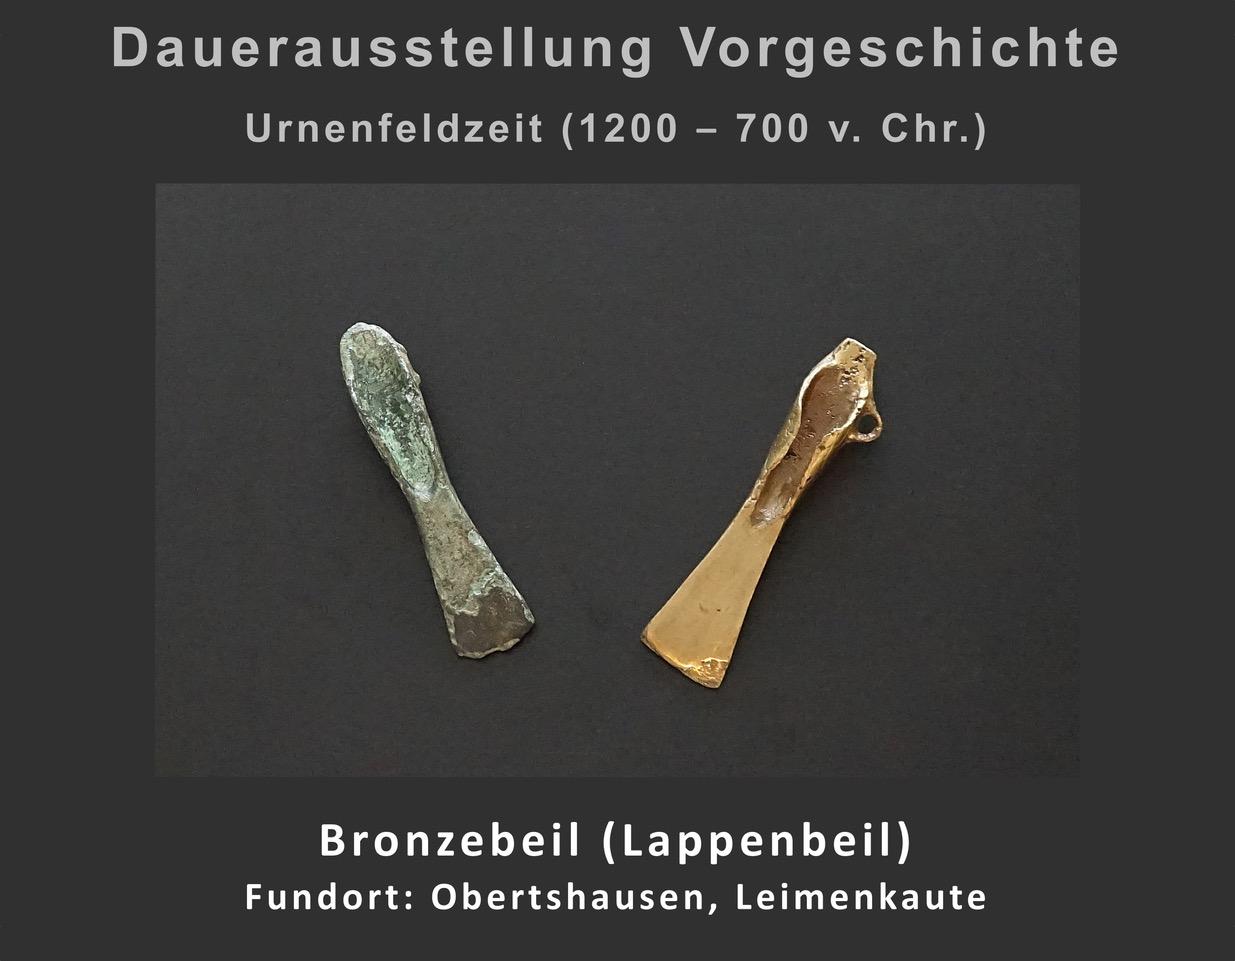 (3) Lappenbeil (Obertshausen)